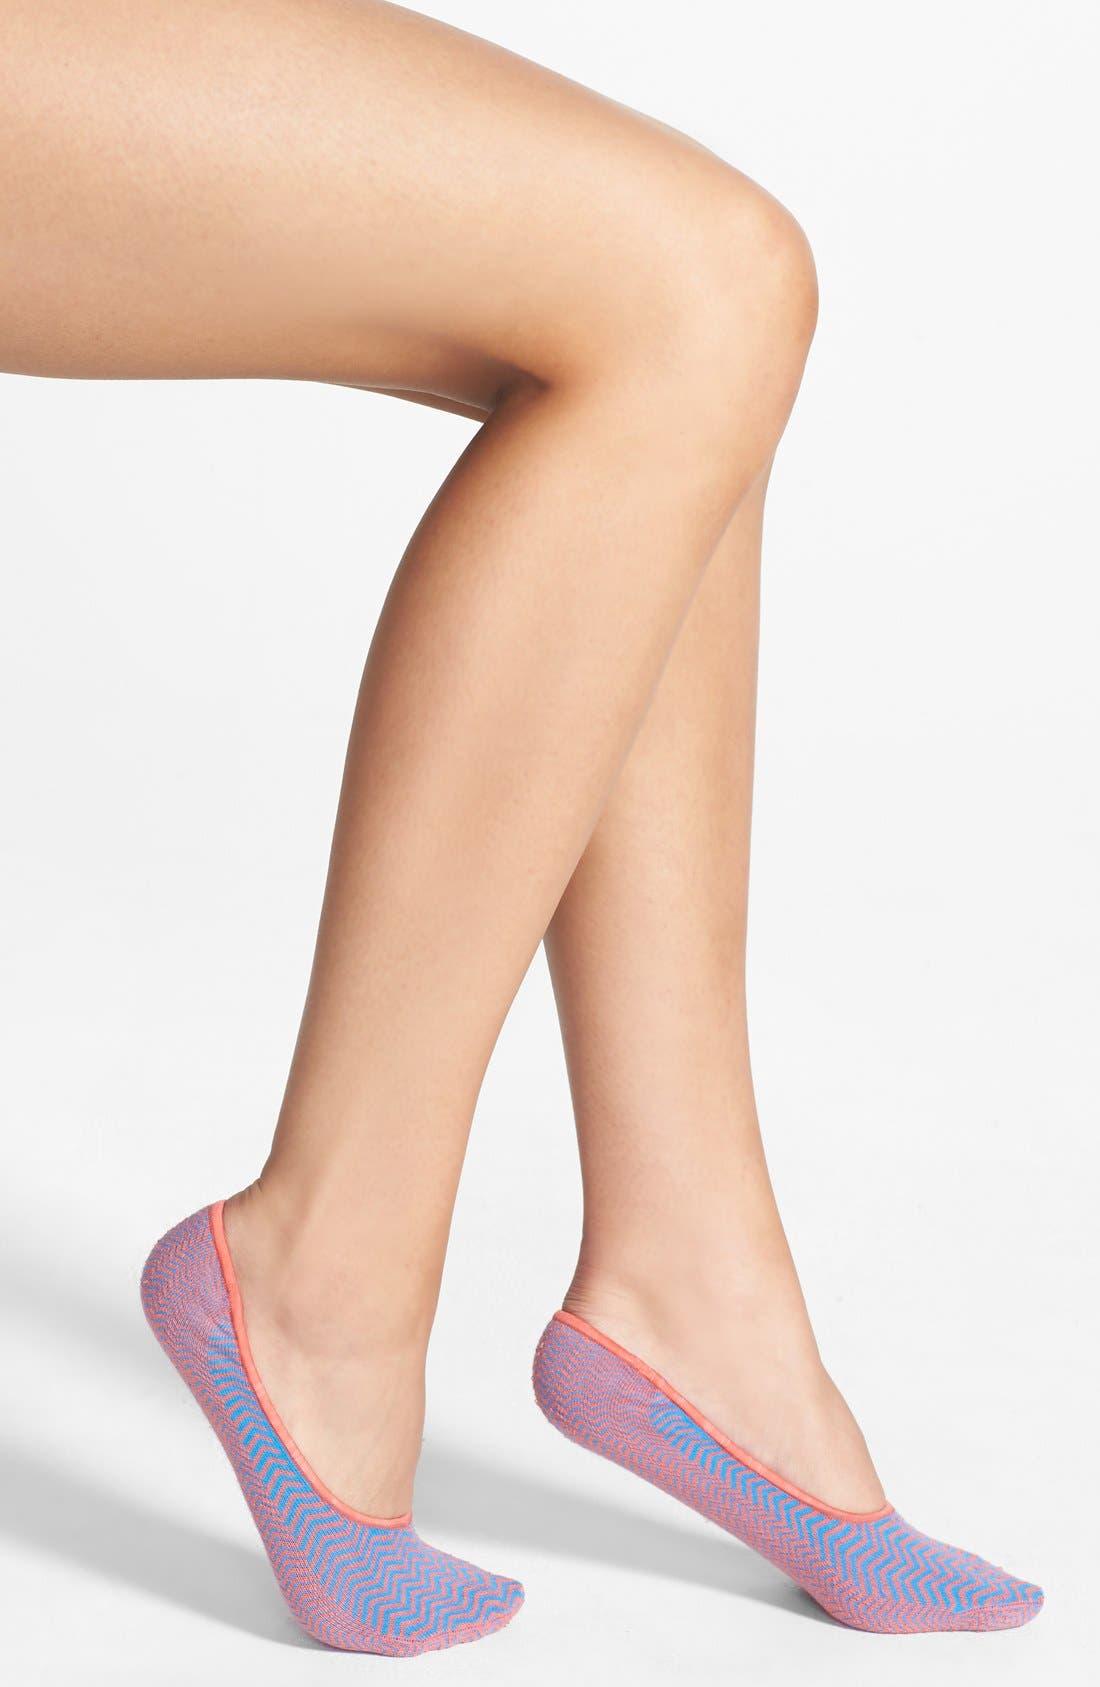 Main Image - Nordstrom Patterned Cotton Blend Footie Socks